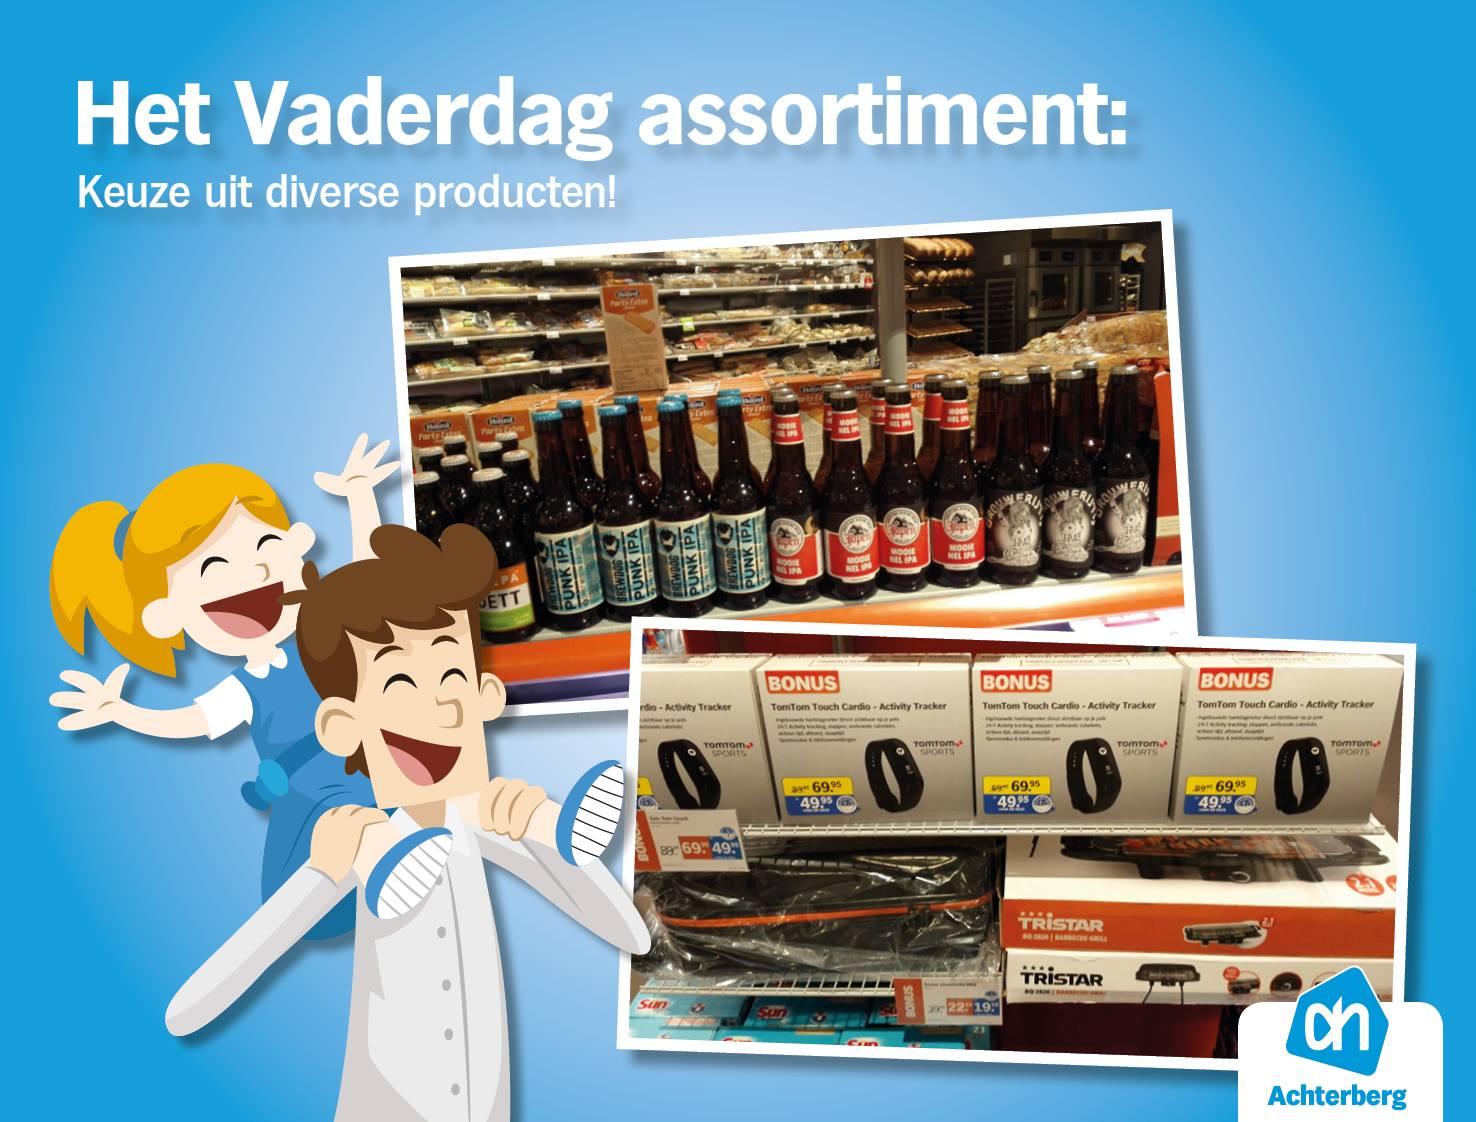 Het Vaderdag assortiment: Keuze uit diverse producten!